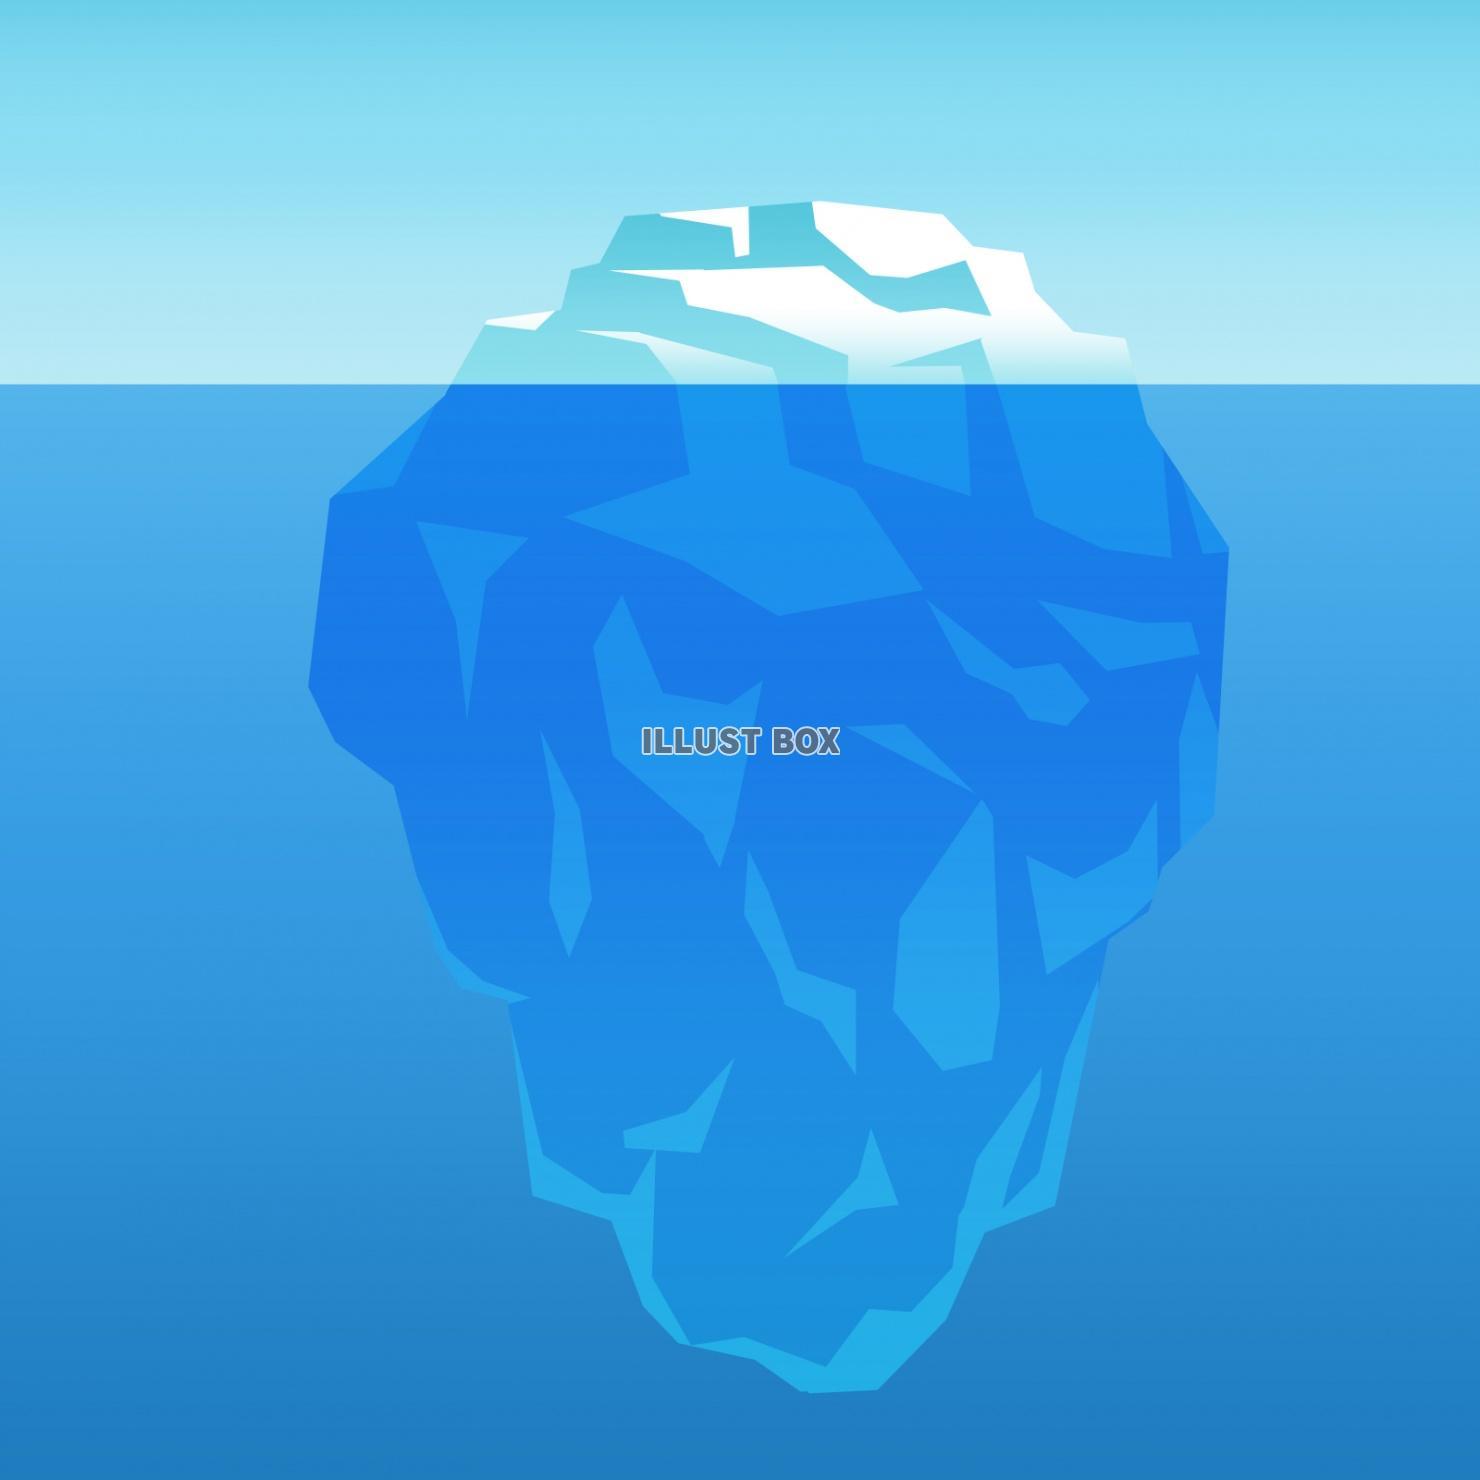 と 一角 氷山 は の